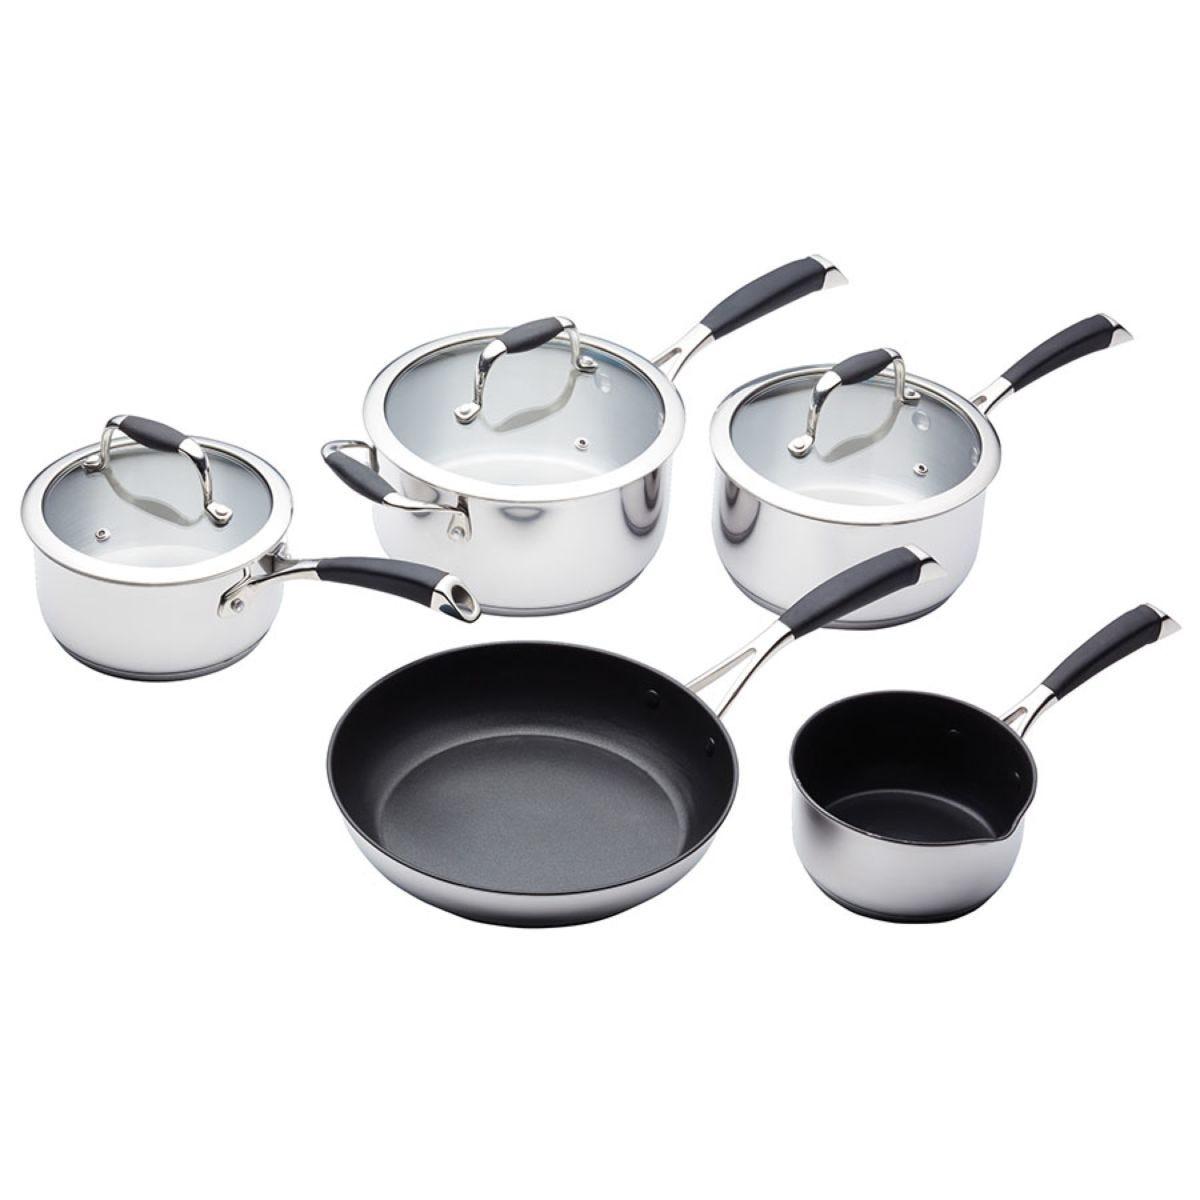 MasterClass Stainless Steel Cookware Pan Set - 5 Piece